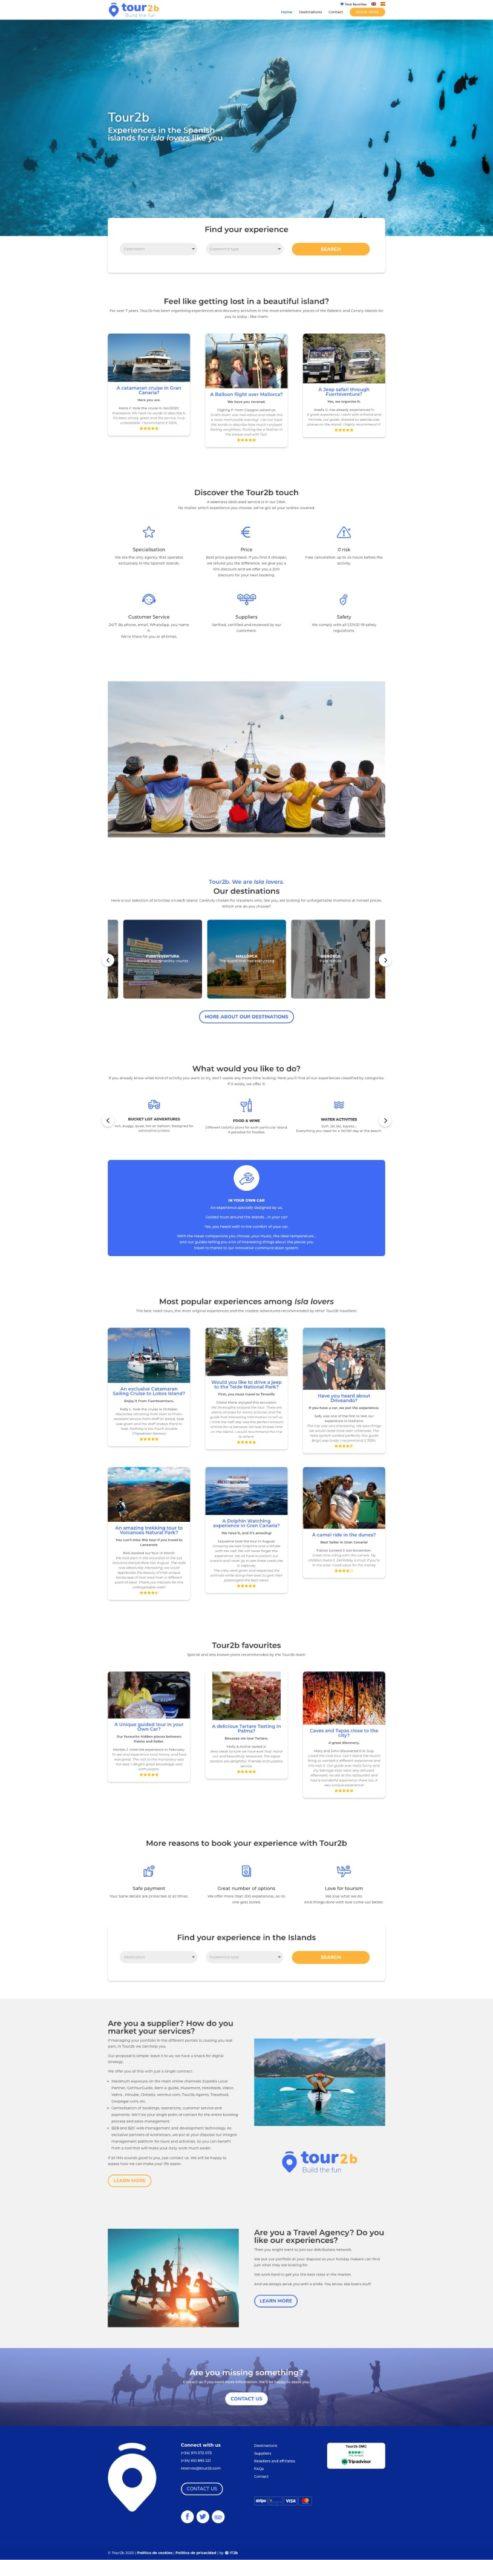 Tour2b - Programación, diseño web imagen corporativa